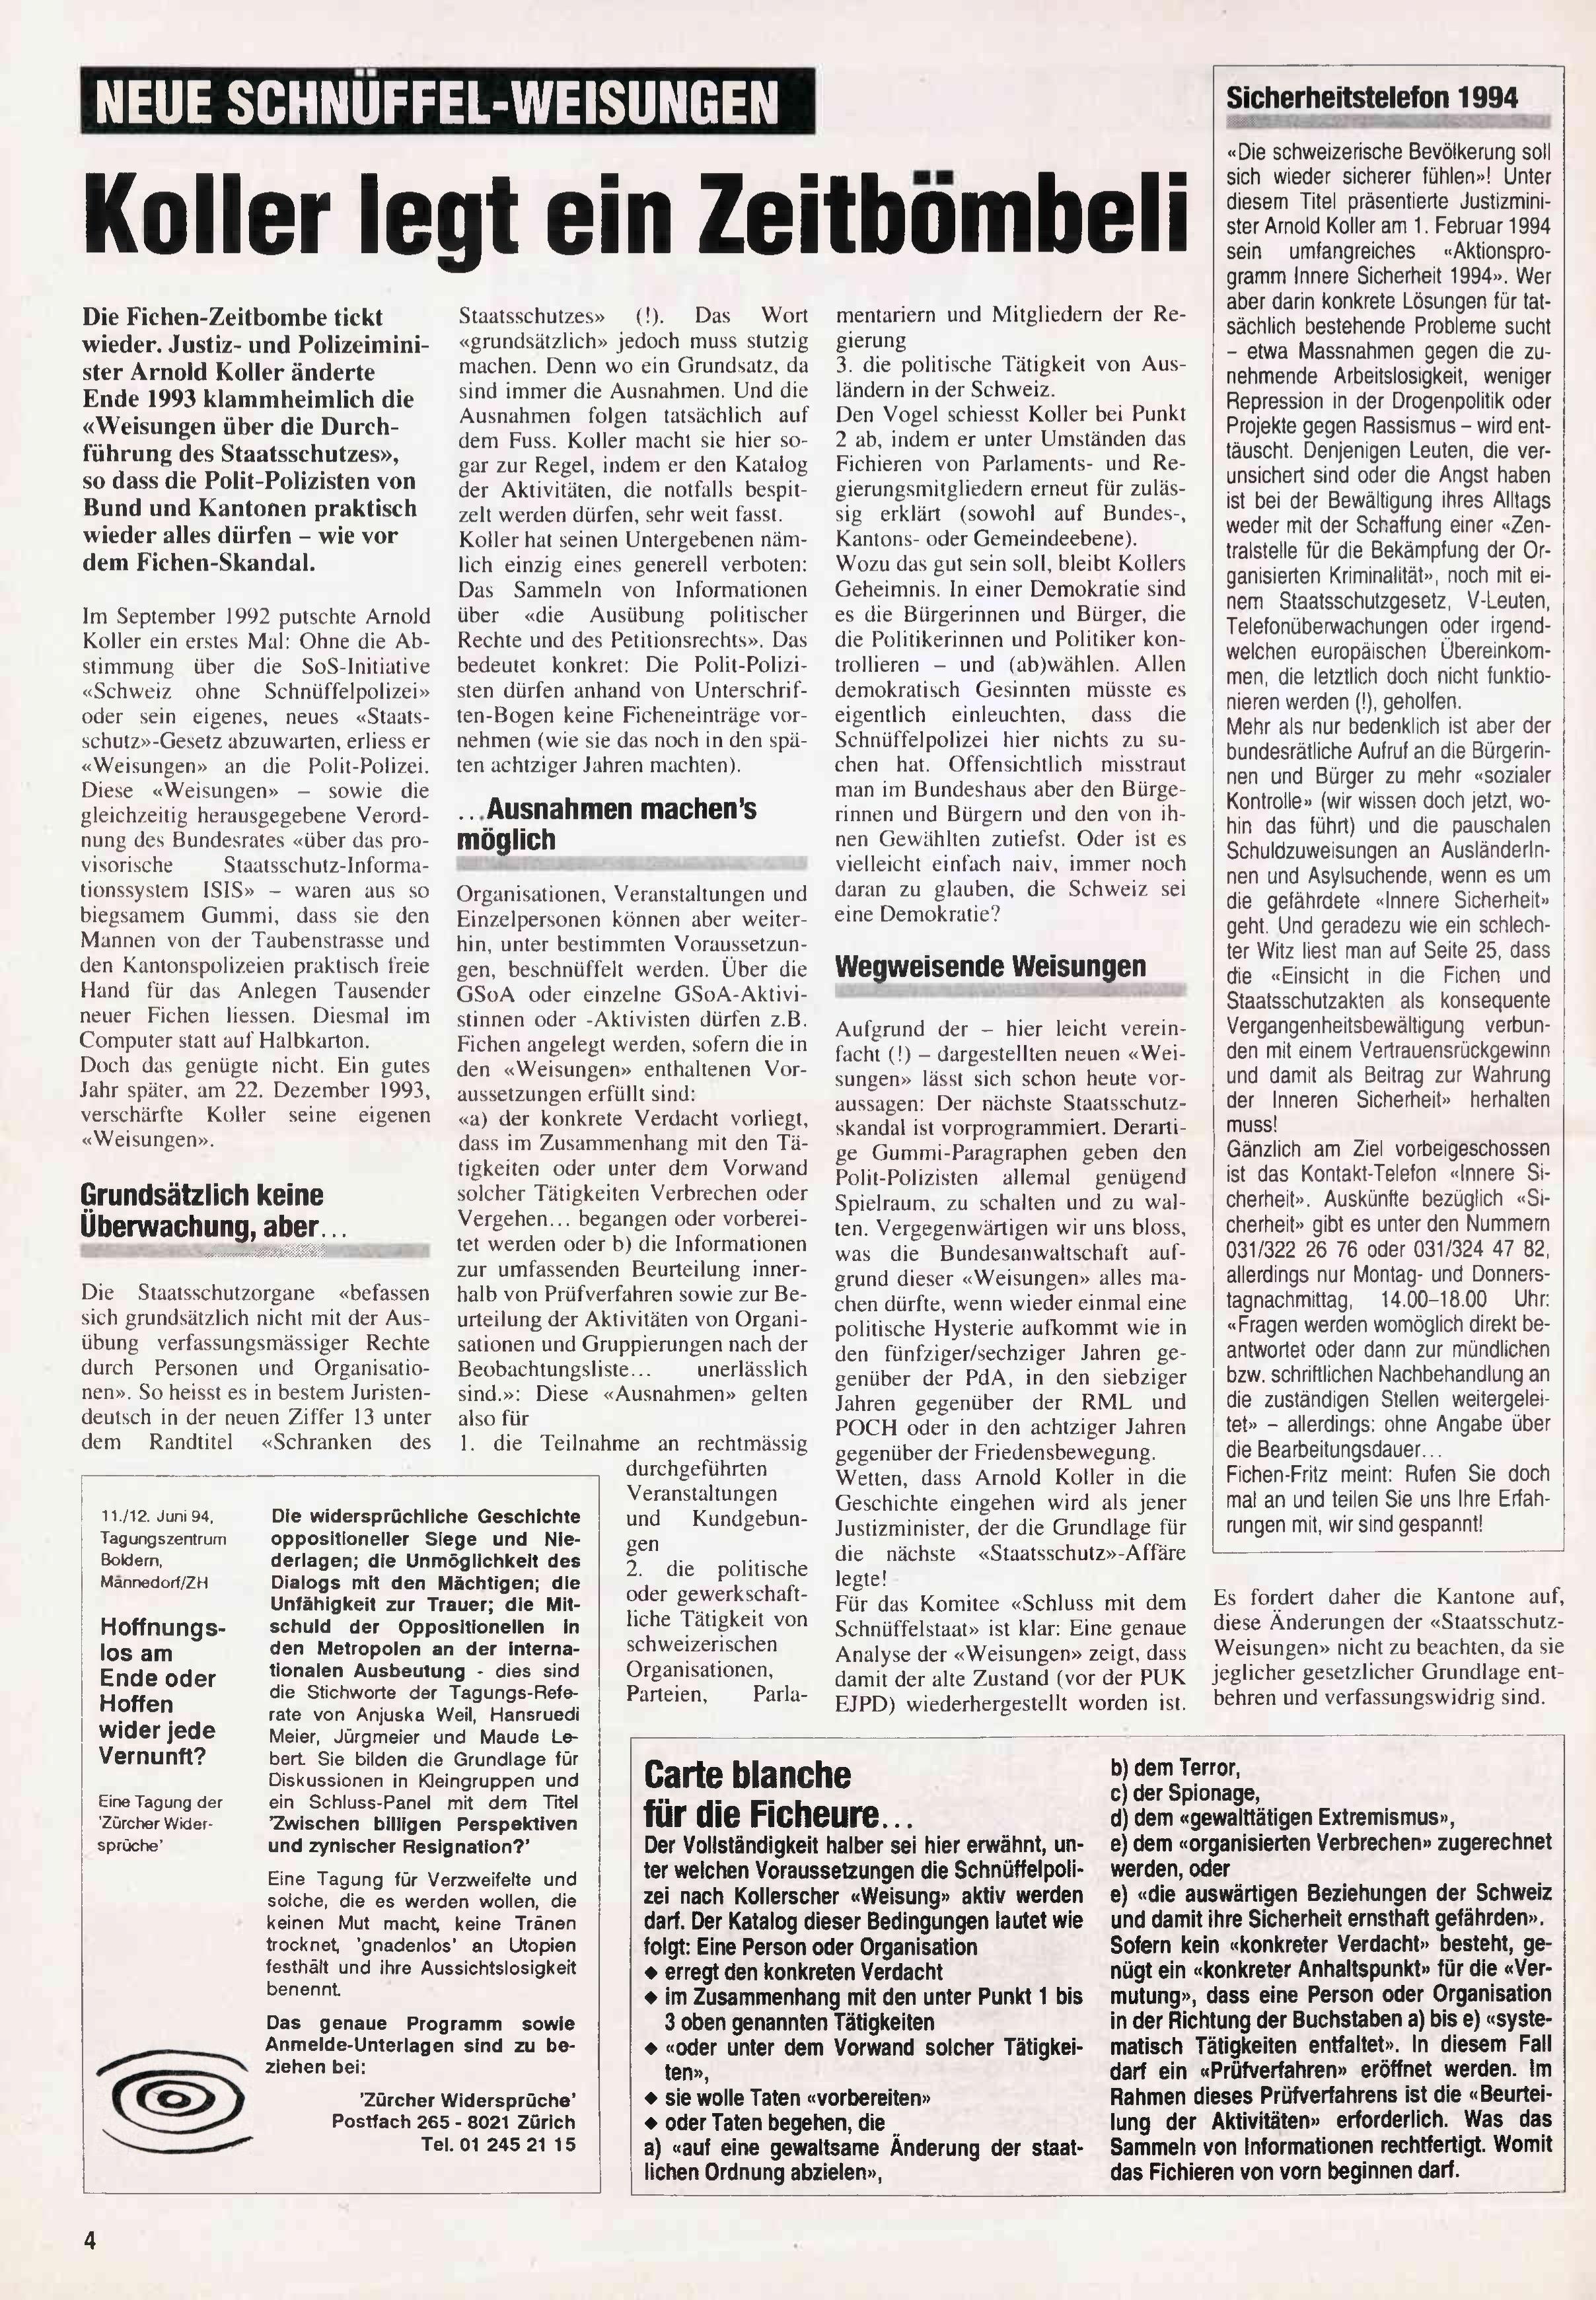 FICHEN FRITZ NR. 16 - SEITE 4